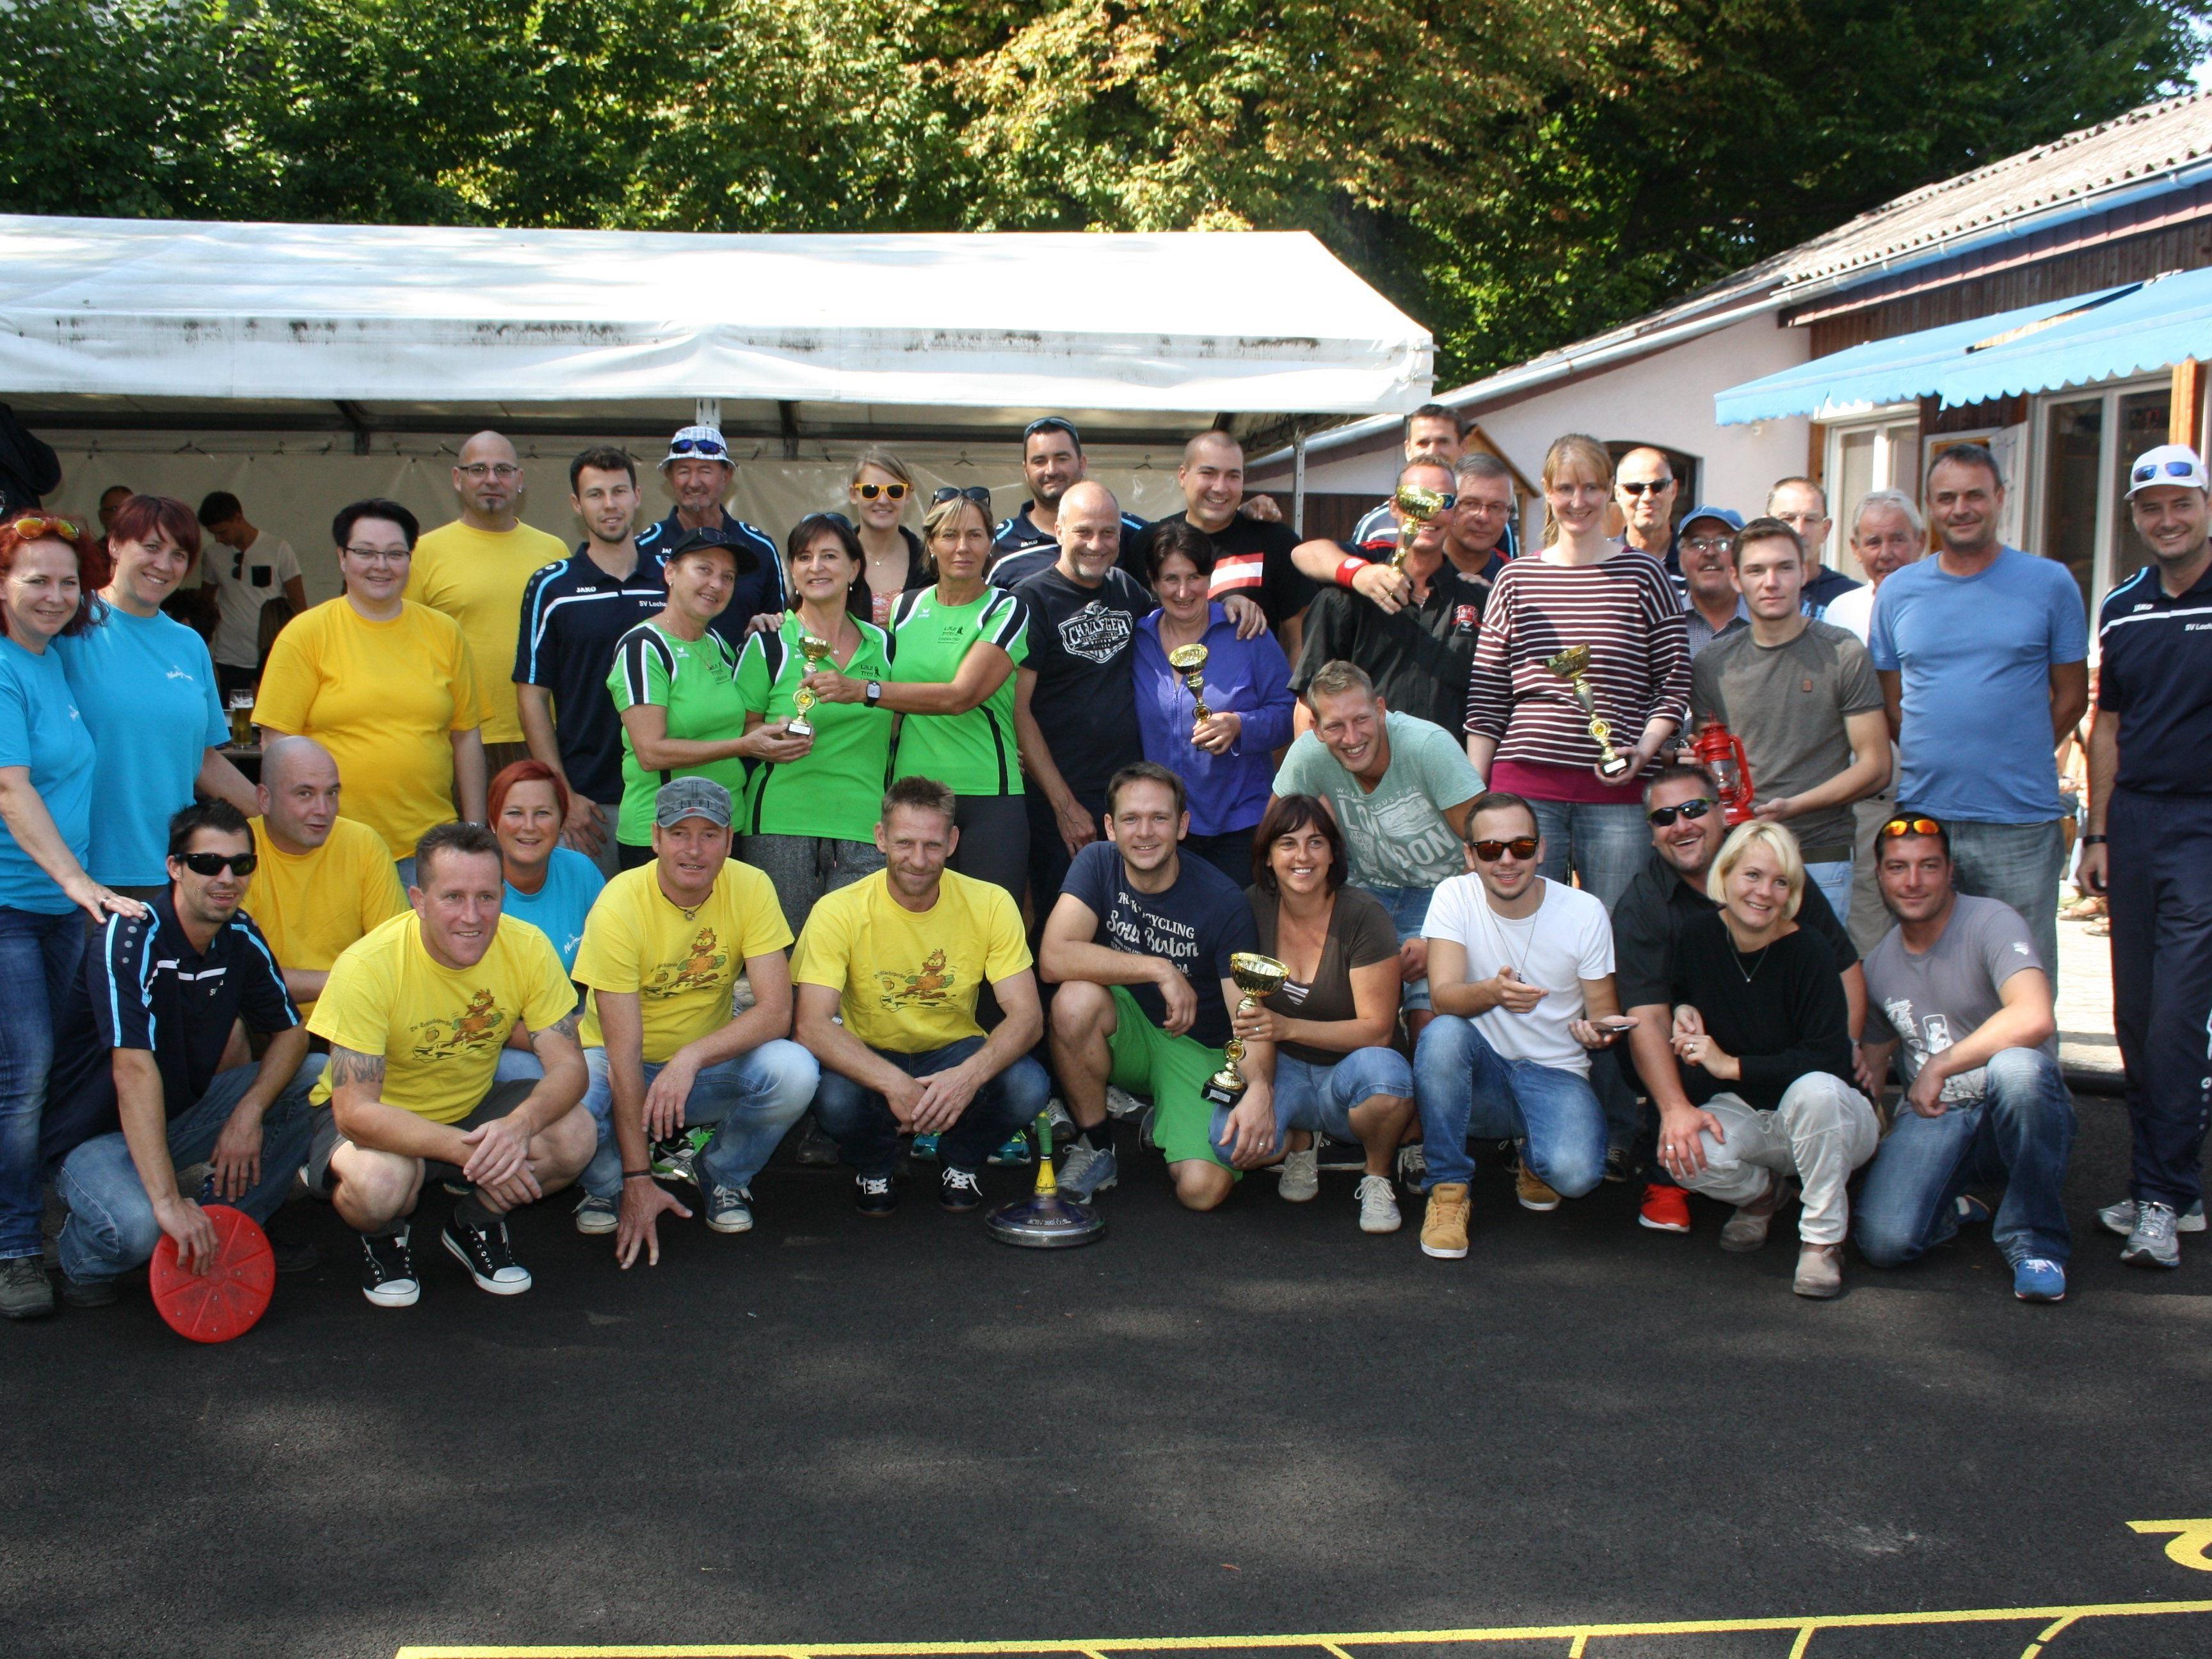 Das Stocksport-Hobbyturnier mit 20 Ortsvereine- und Firmenmannschaften auf der neu sanierten Stocksportanlage am Hoferfeld war ein toller Erfolg.